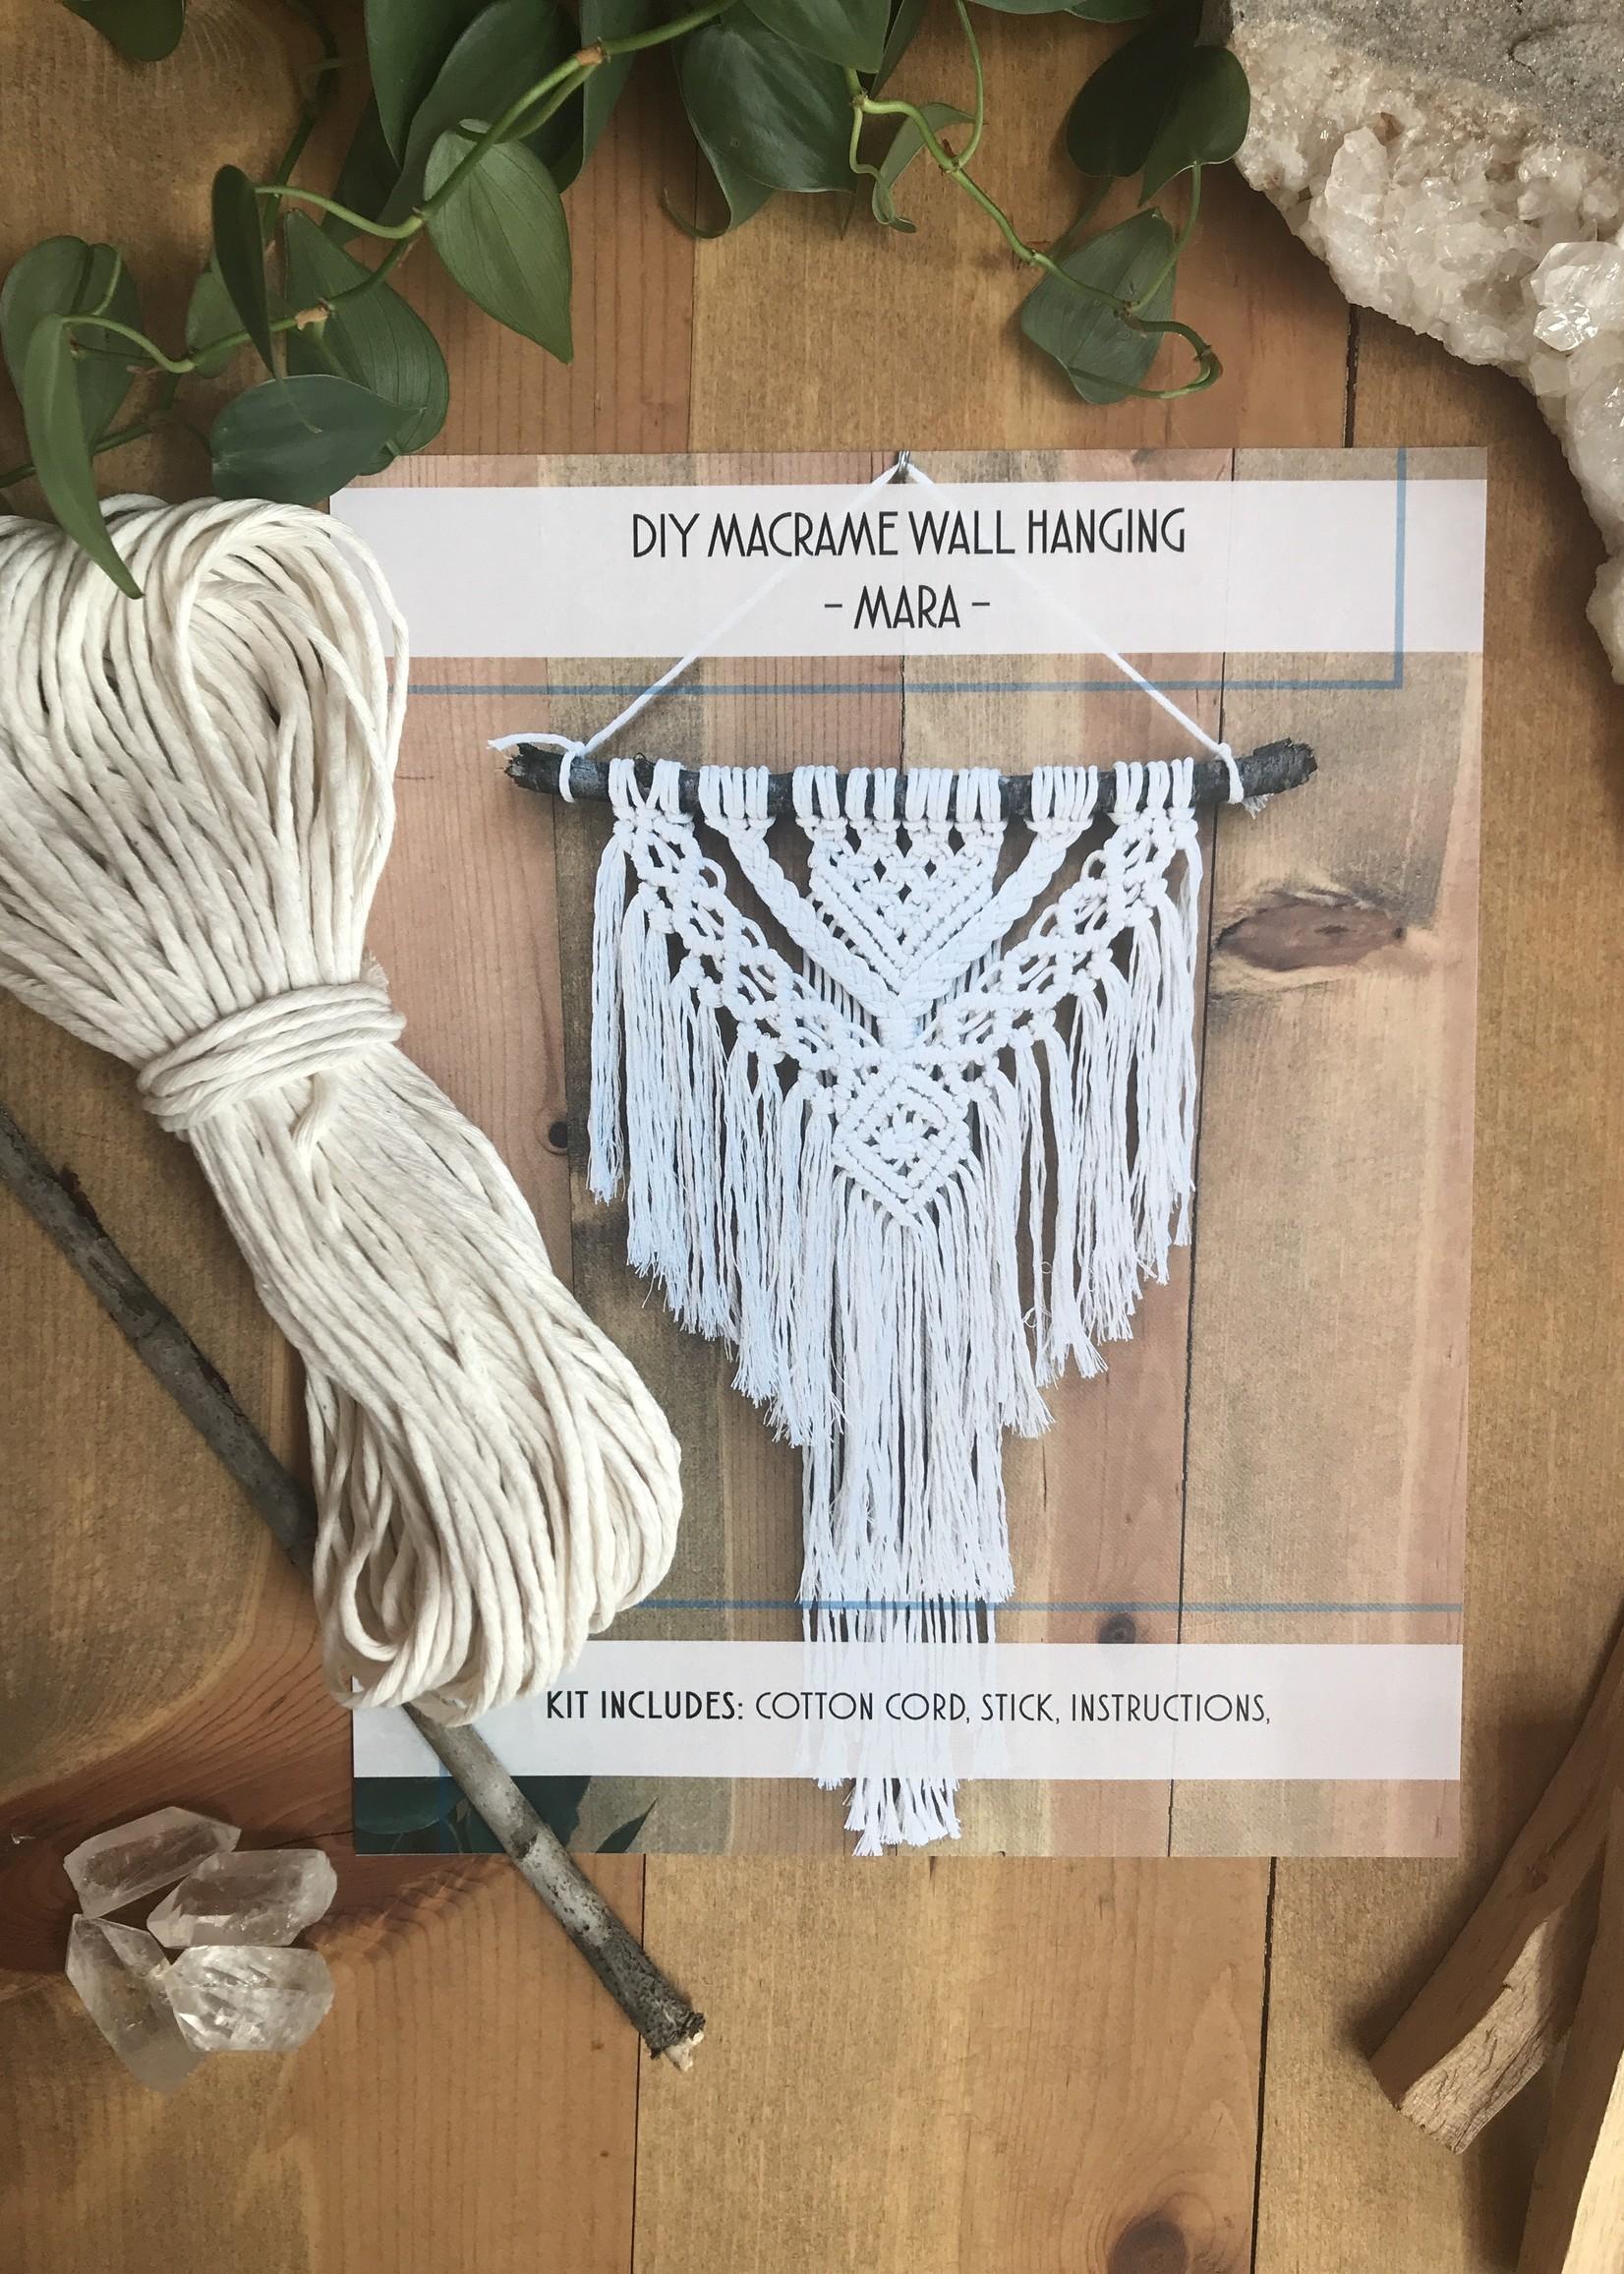 DIY Mara Macrame Wall Hanging Kit